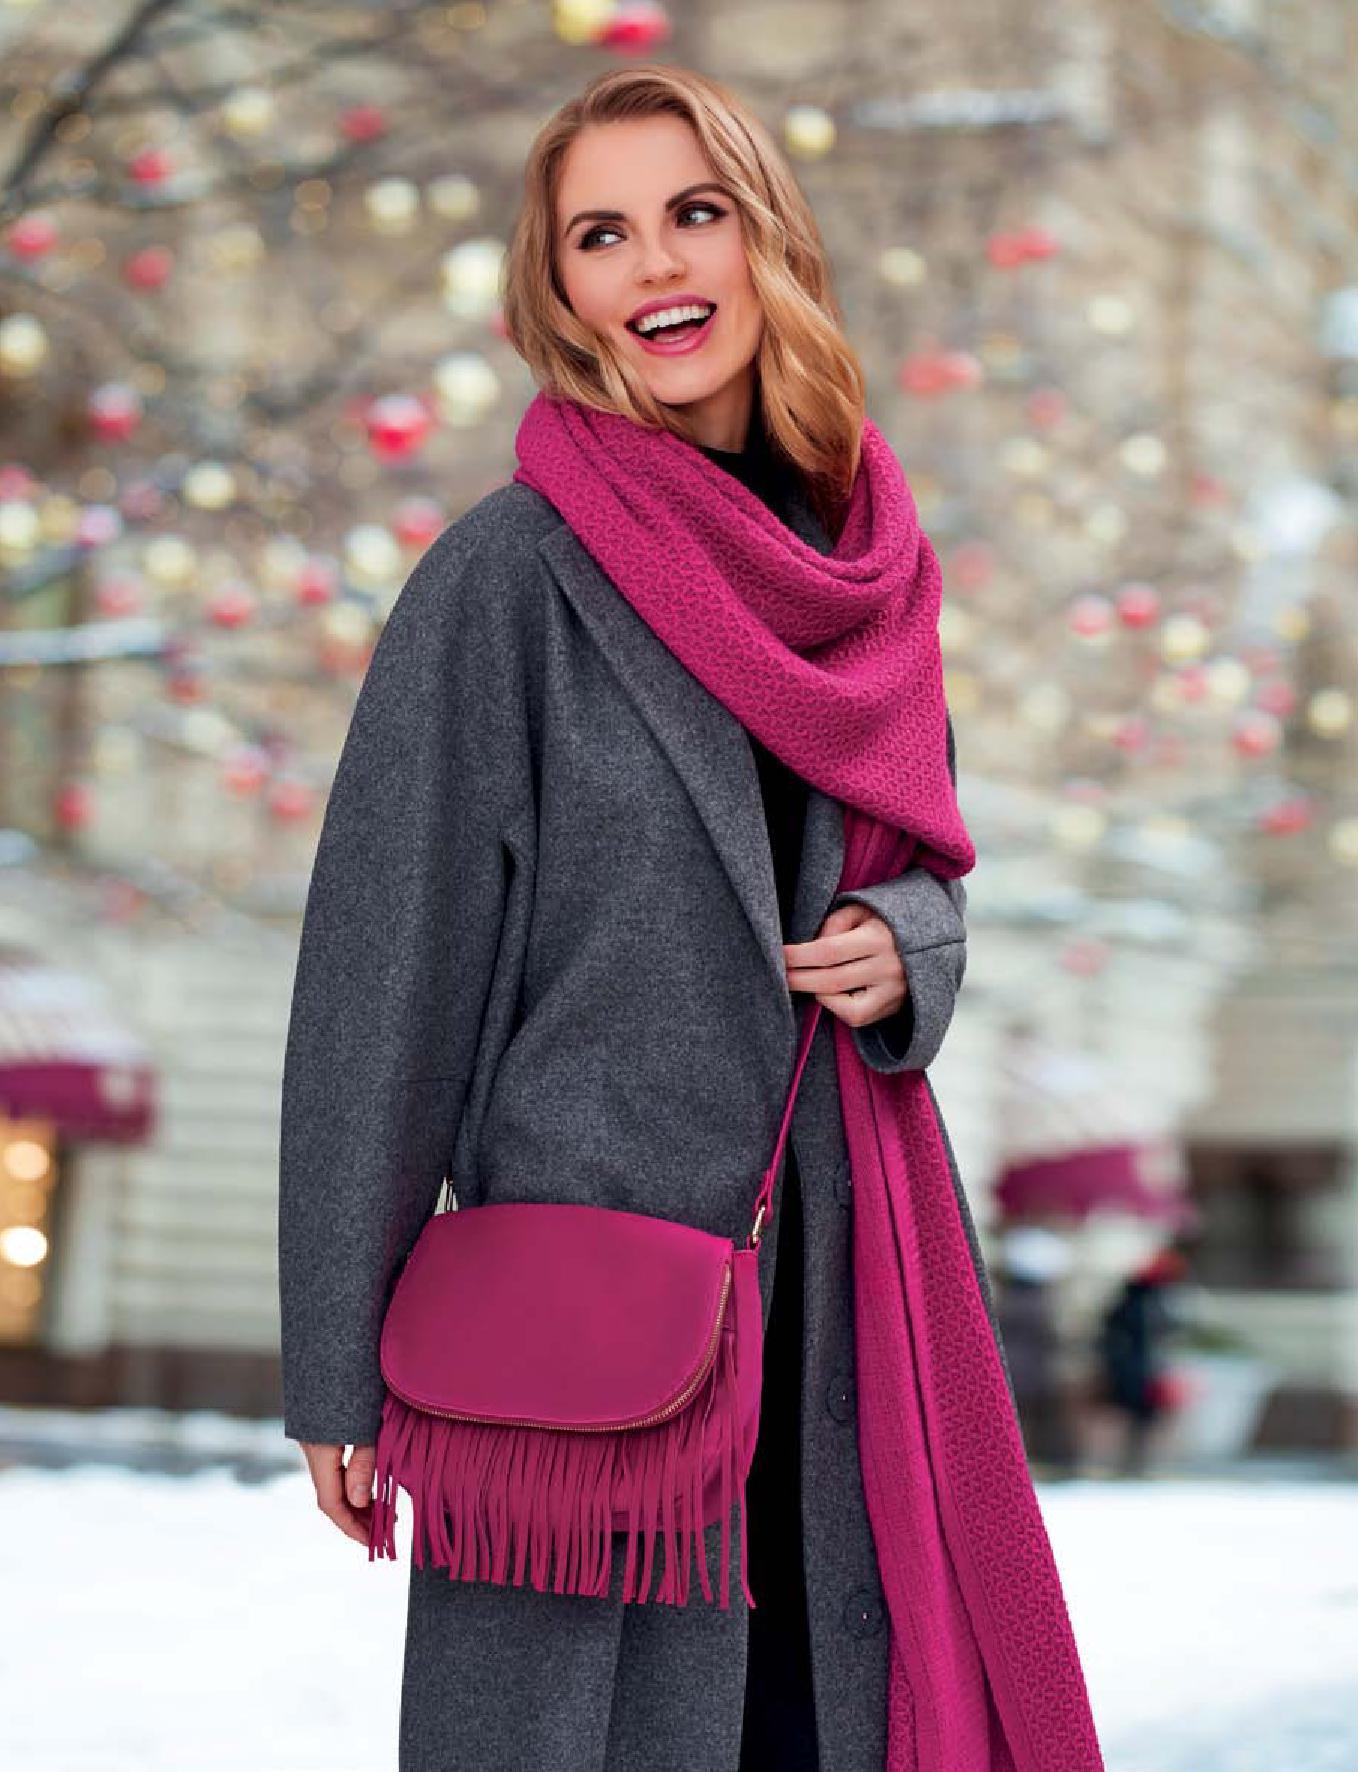 Флоранж Стайл - Мирабель - сумка и шарф